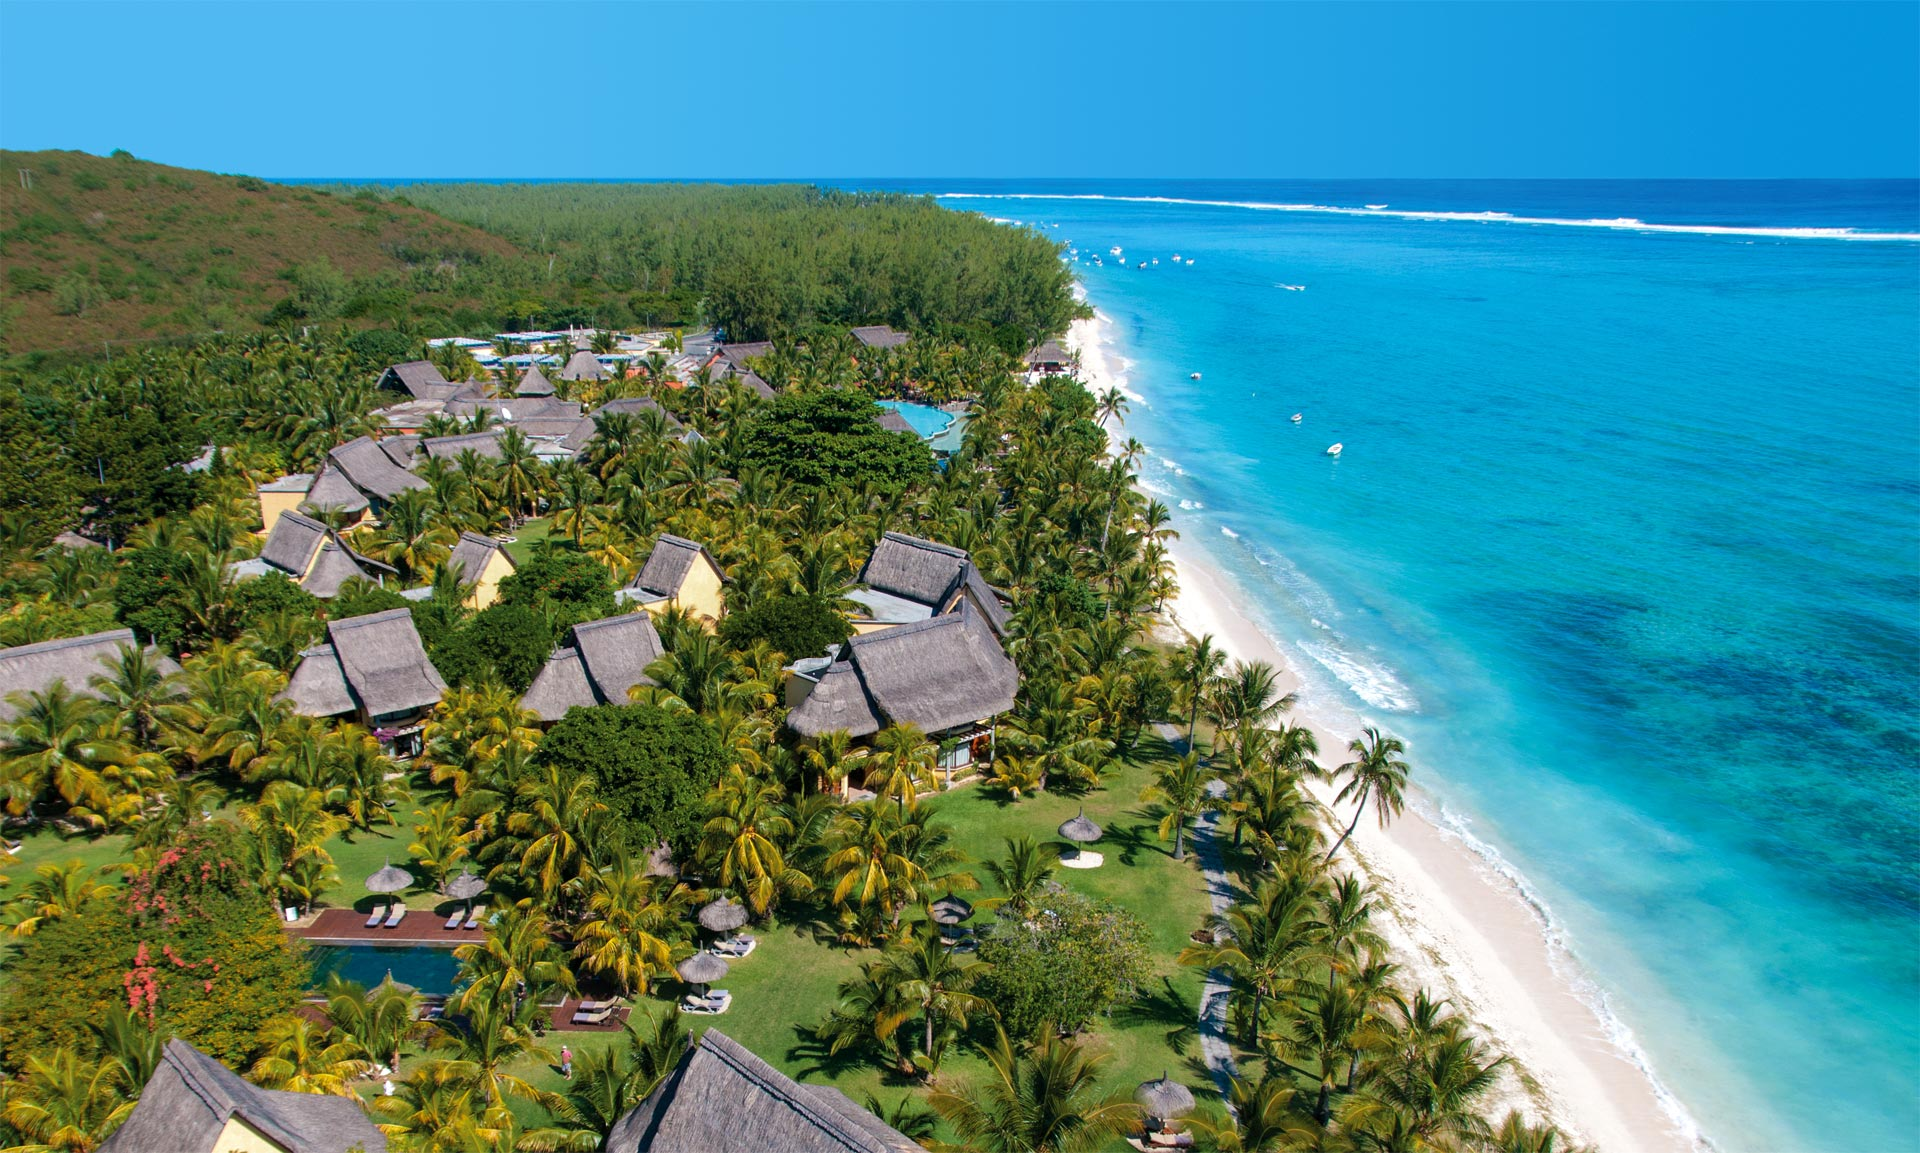 Острова бали барбадос маврикий фото отзывы